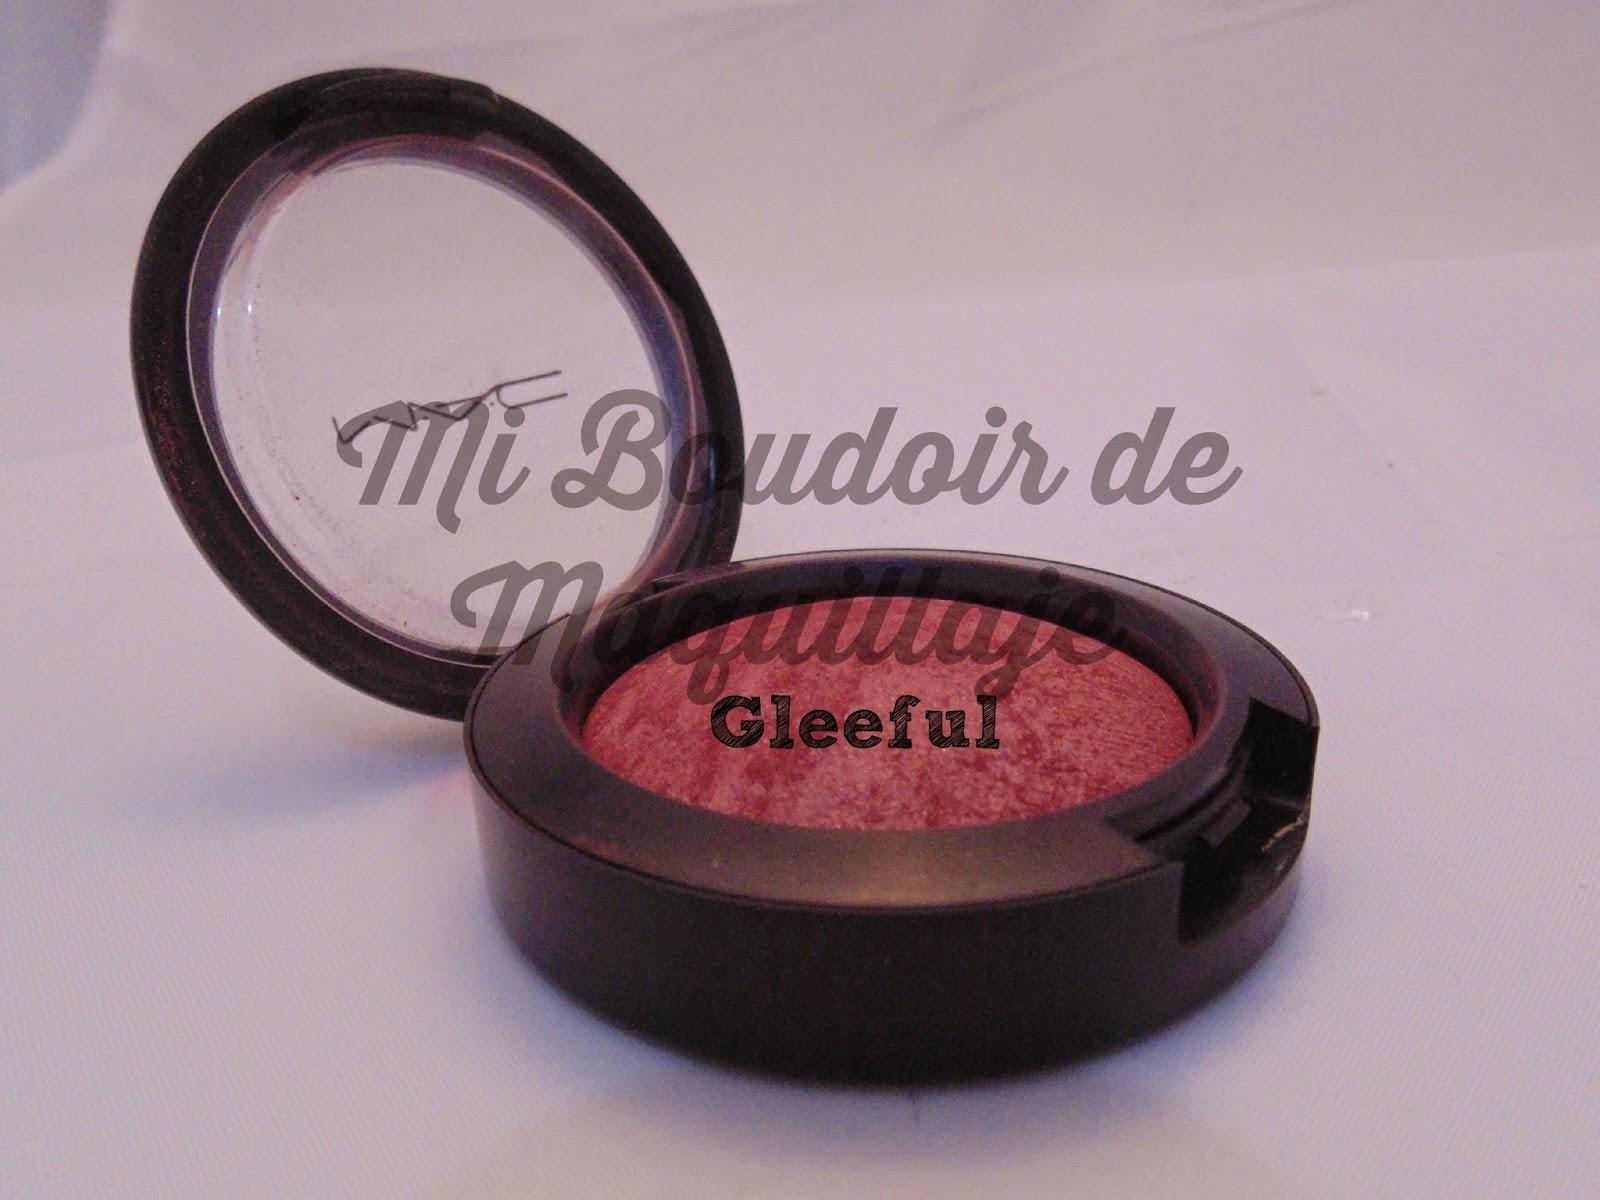 Gleeful mac blush colorete